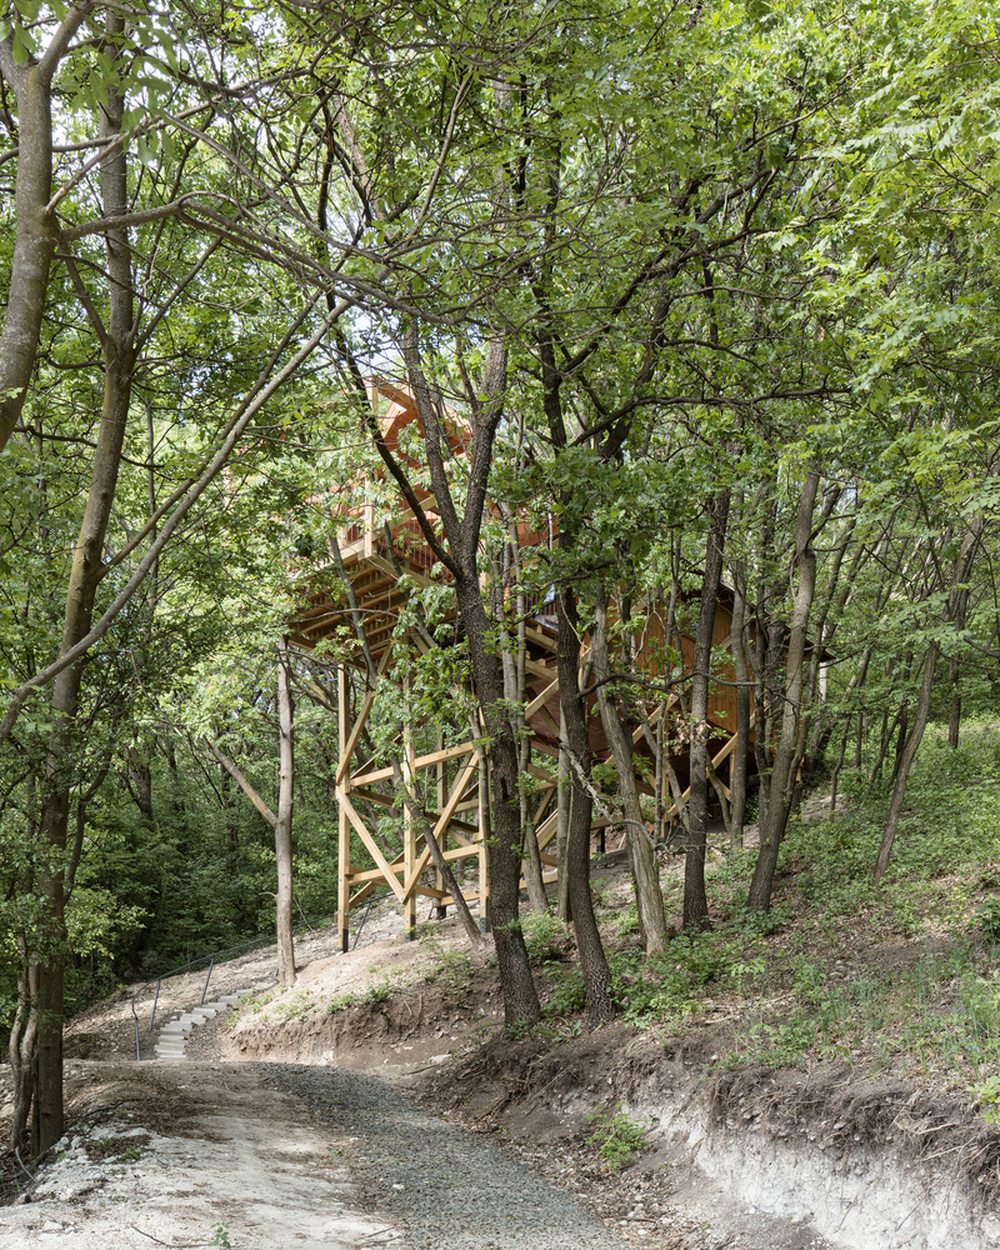 Độc đáo ngôi nhà vô cùng đơn giản, với 12 cái chân, tầm nhìn ra sông - Ảnh 7.